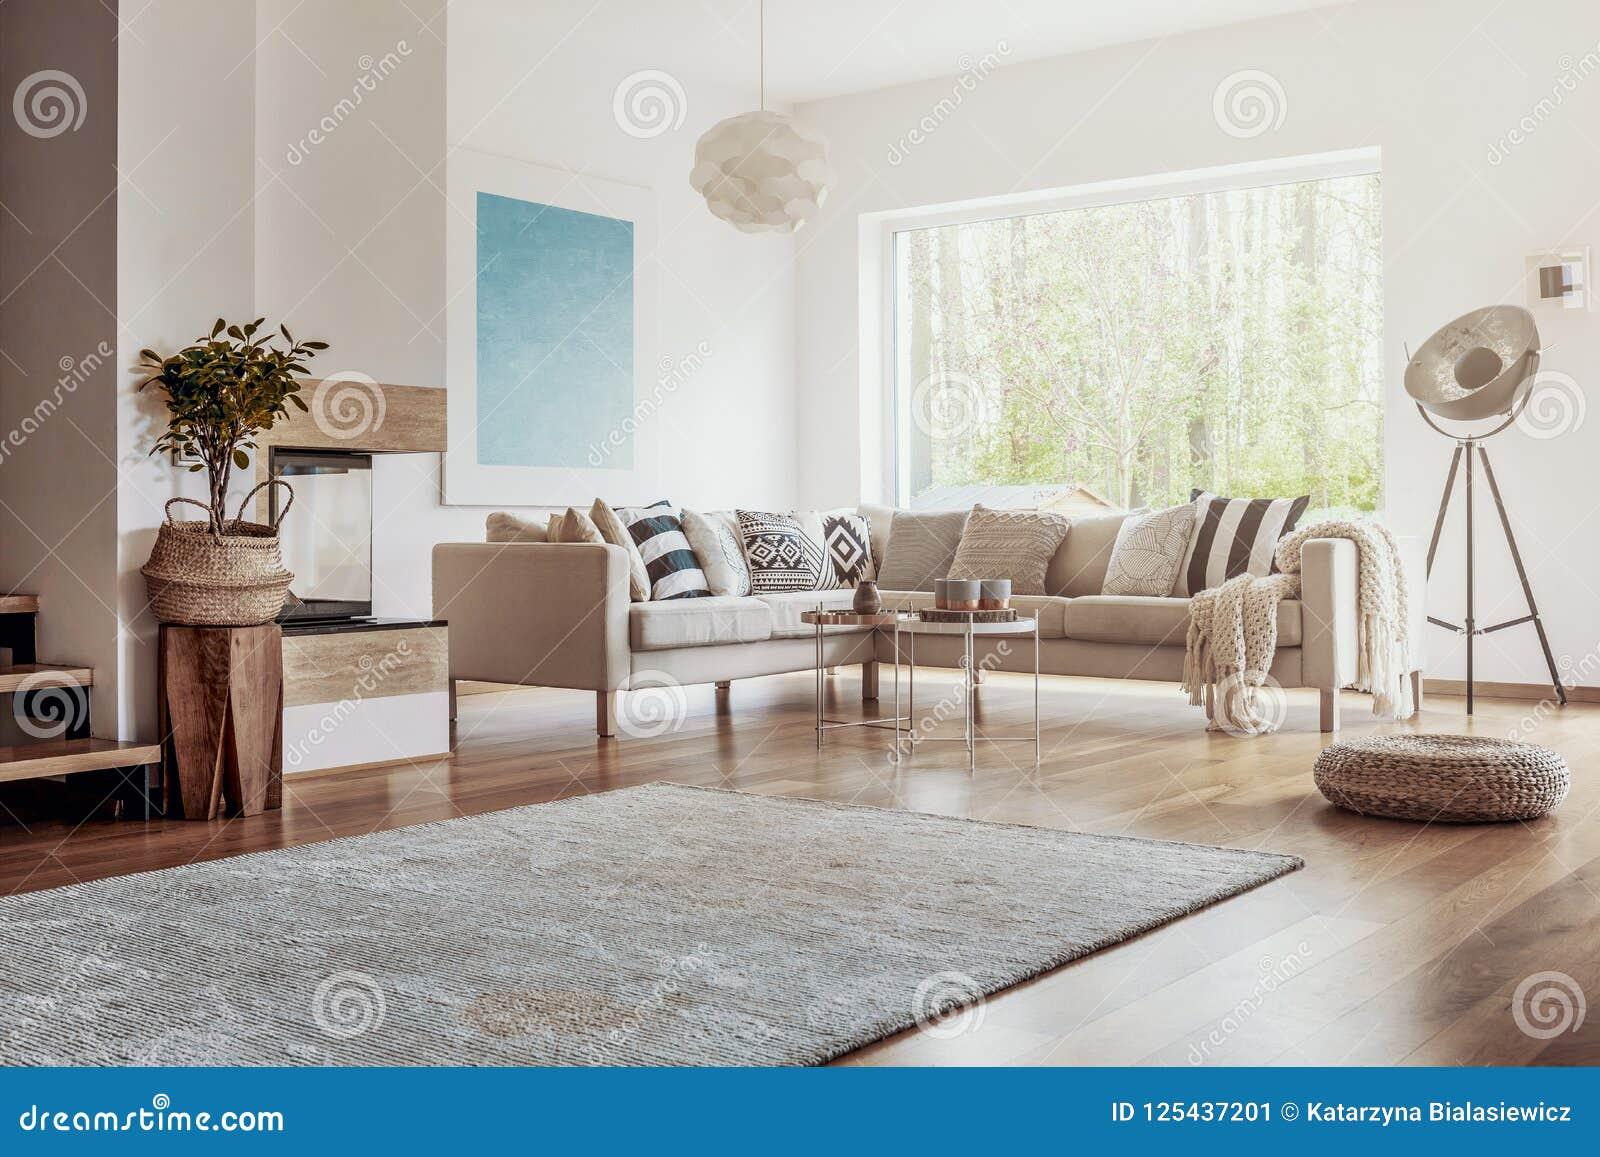 Open plek, wit woonkamerbinnenland met een grote deken op dark, hardhoutvloer en een beige hoekbank met kussens